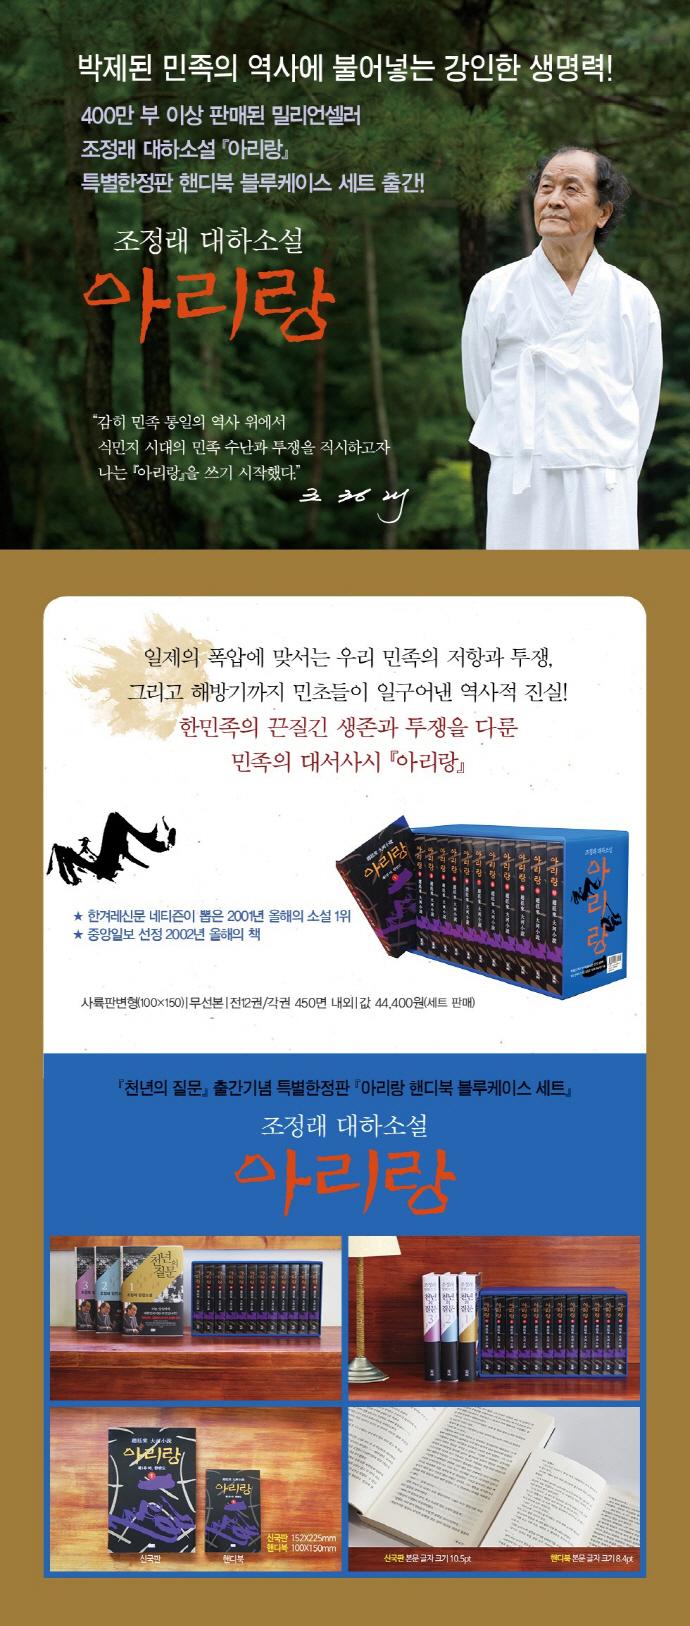 아리랑 특별한정판 핸디북 블루케이스 세트(전12권) 도서 상세이미지